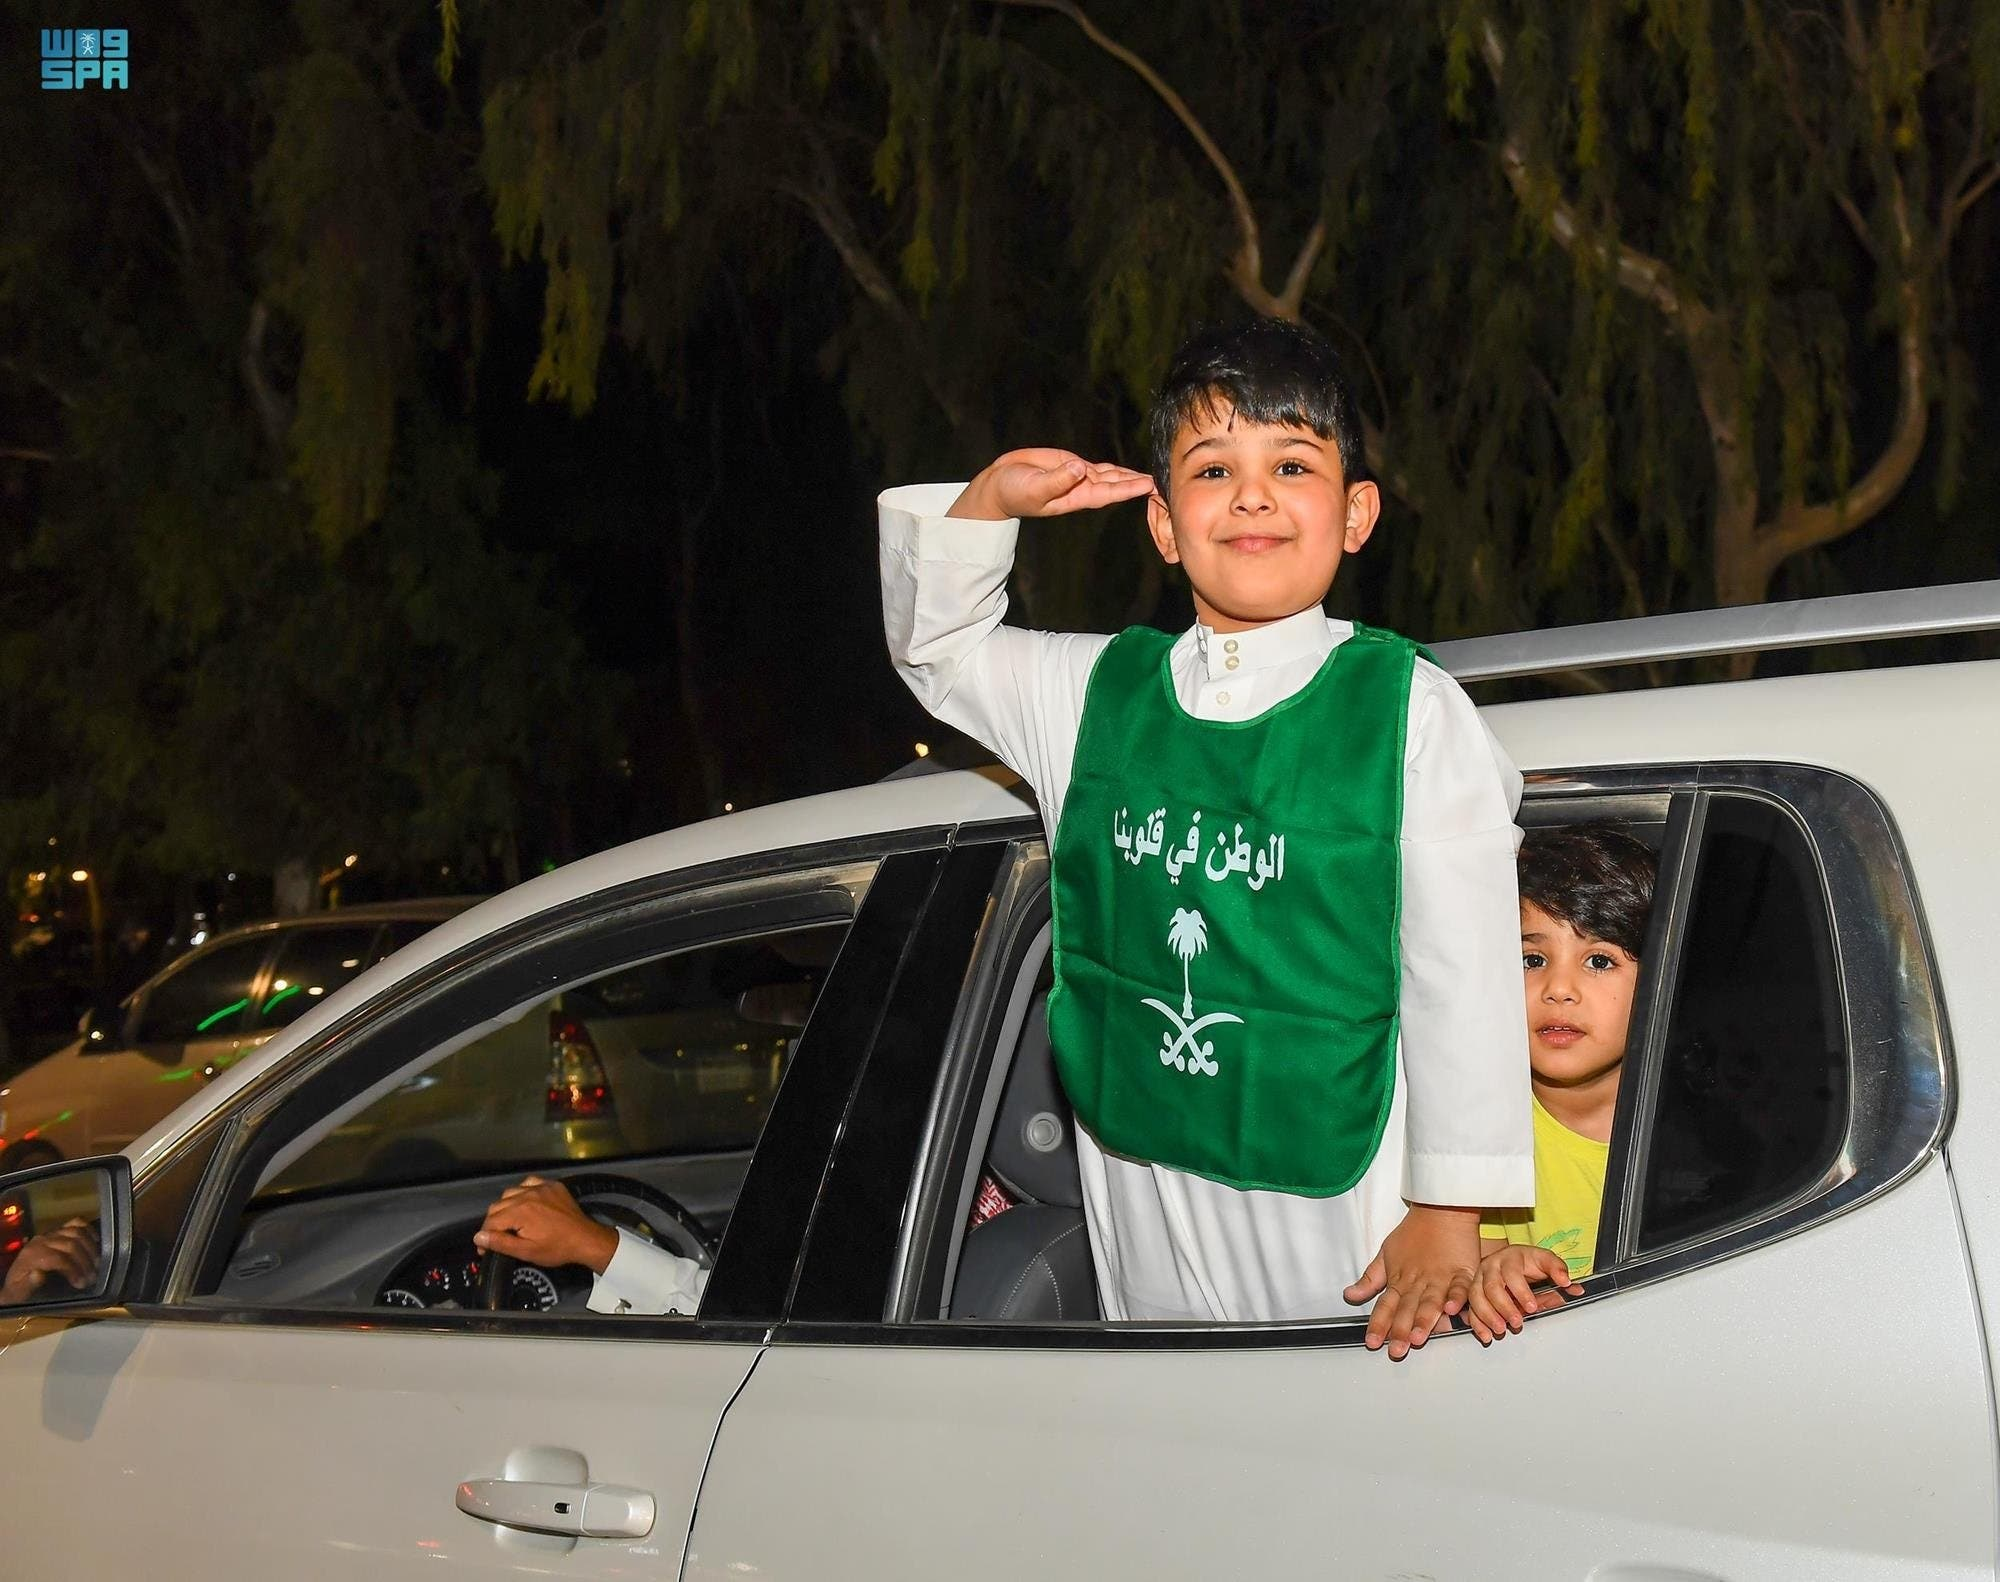 سعودی عرب کے 91 ویں قومی دن کے موقع پر مناظر